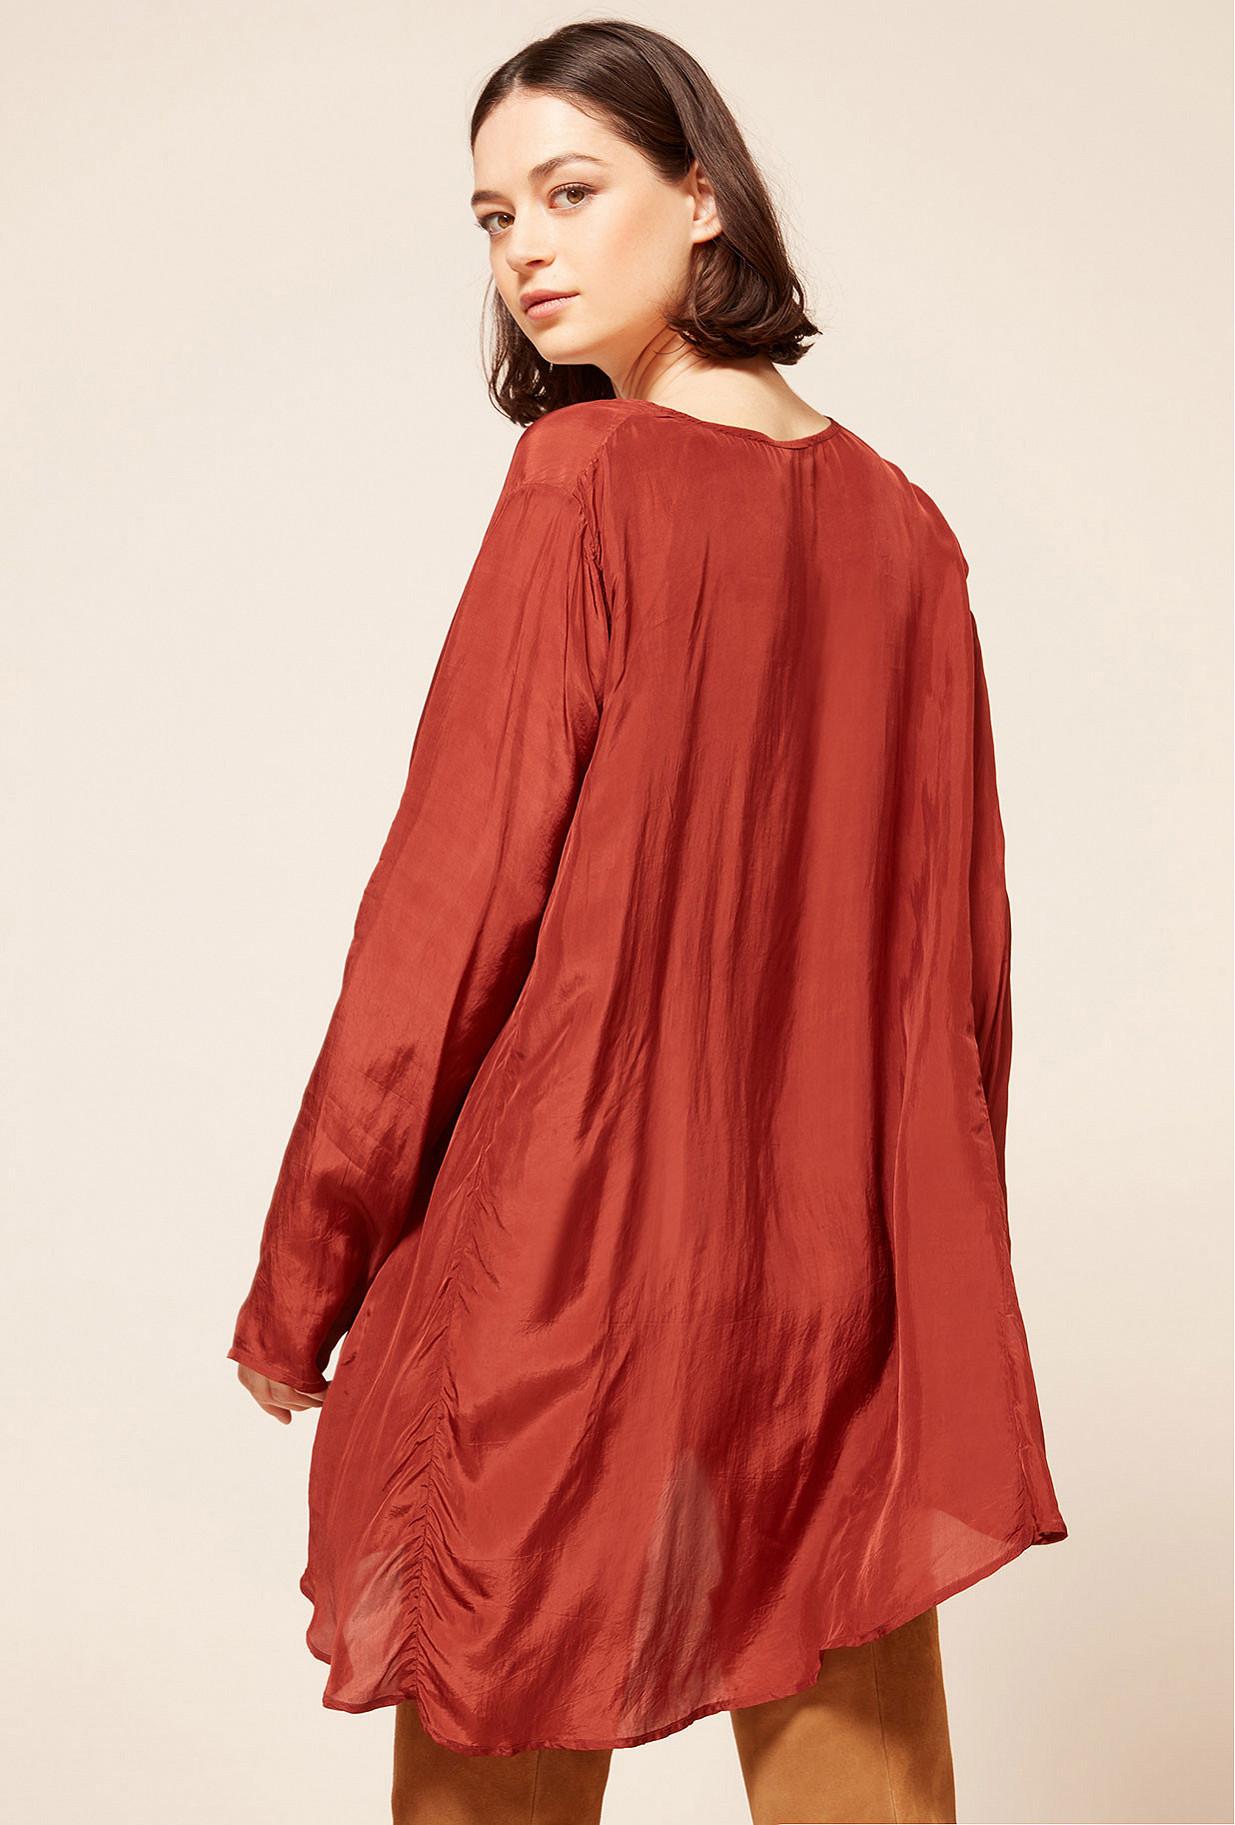 Red  Blouse  Mitsu Mes demoiselles fashion clothes designer Paris